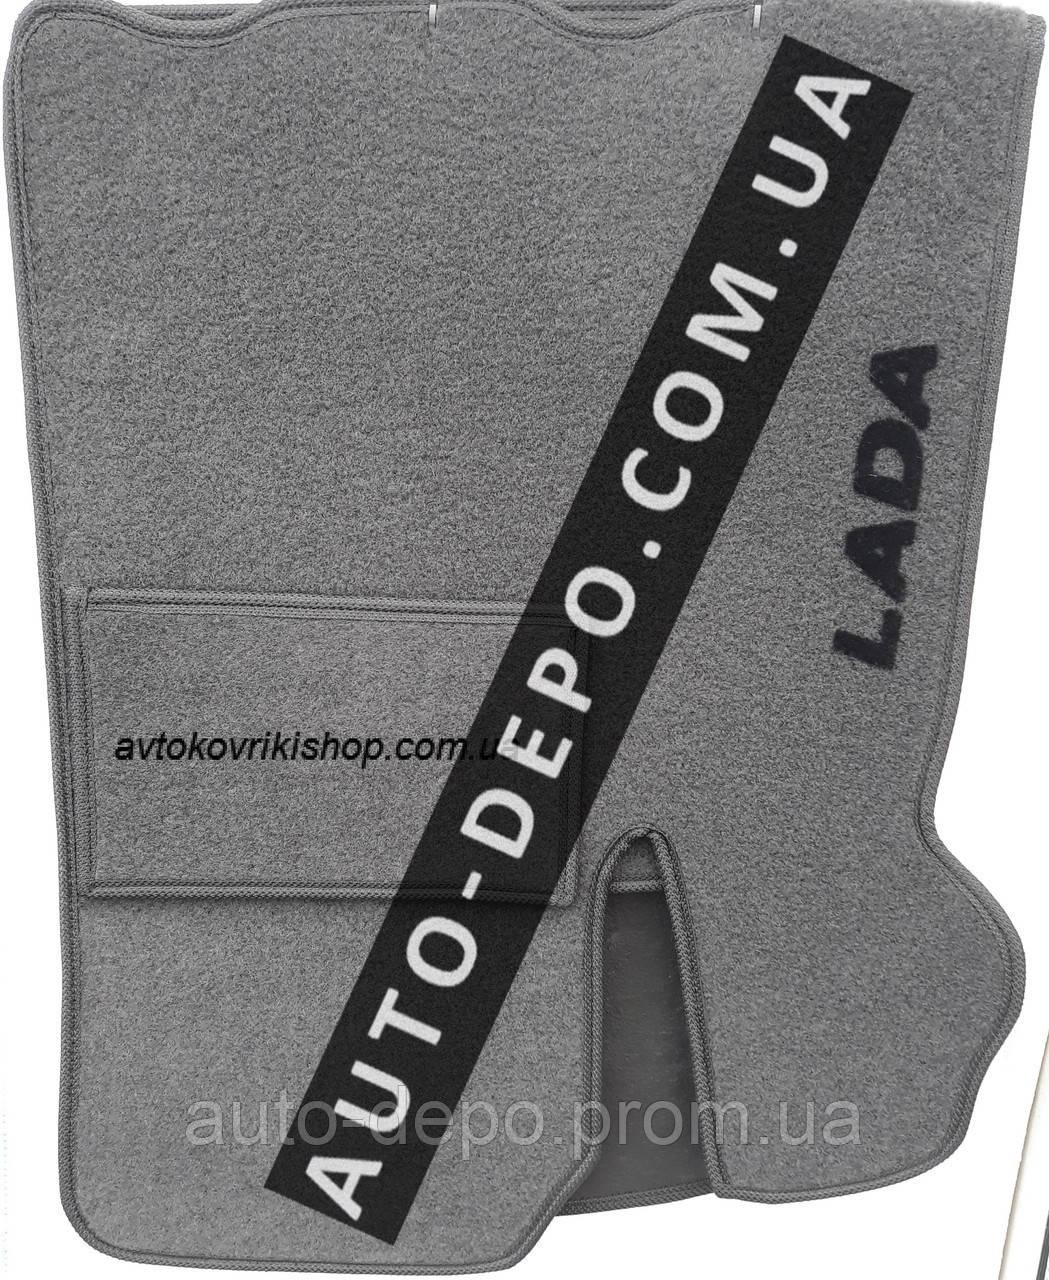 Ворсовые коврики Lada Priora 2007- VIP ЛЮКС АВТО-ВОРС